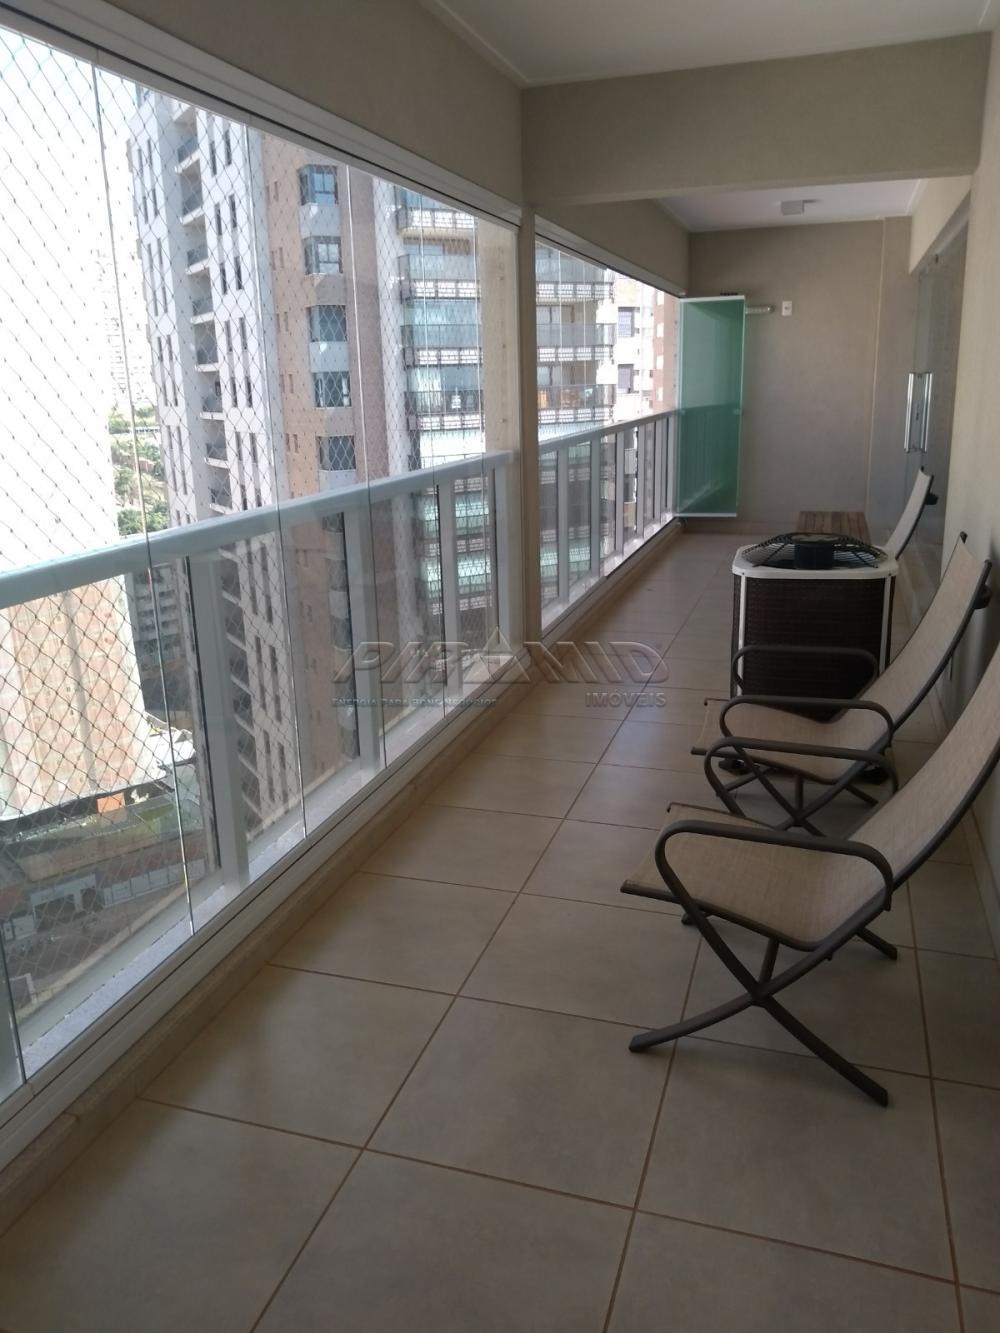 Alugar Apartamento / Padrão em Ribeirão Preto R$ 1.700,00 - Foto 43